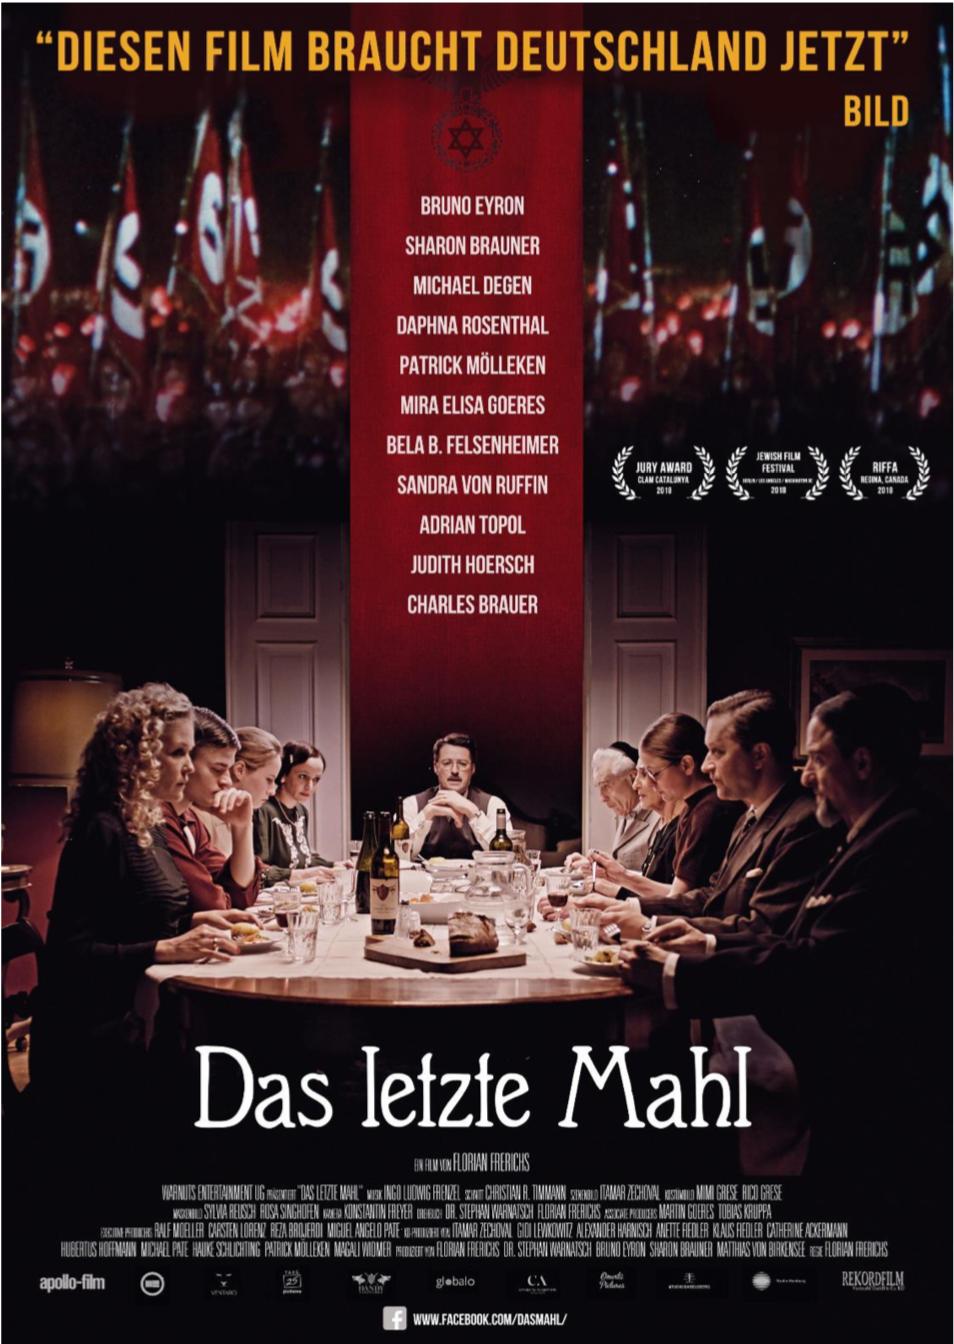 Kino Premiere  DAS LETZTE MAHL 30.01.2019